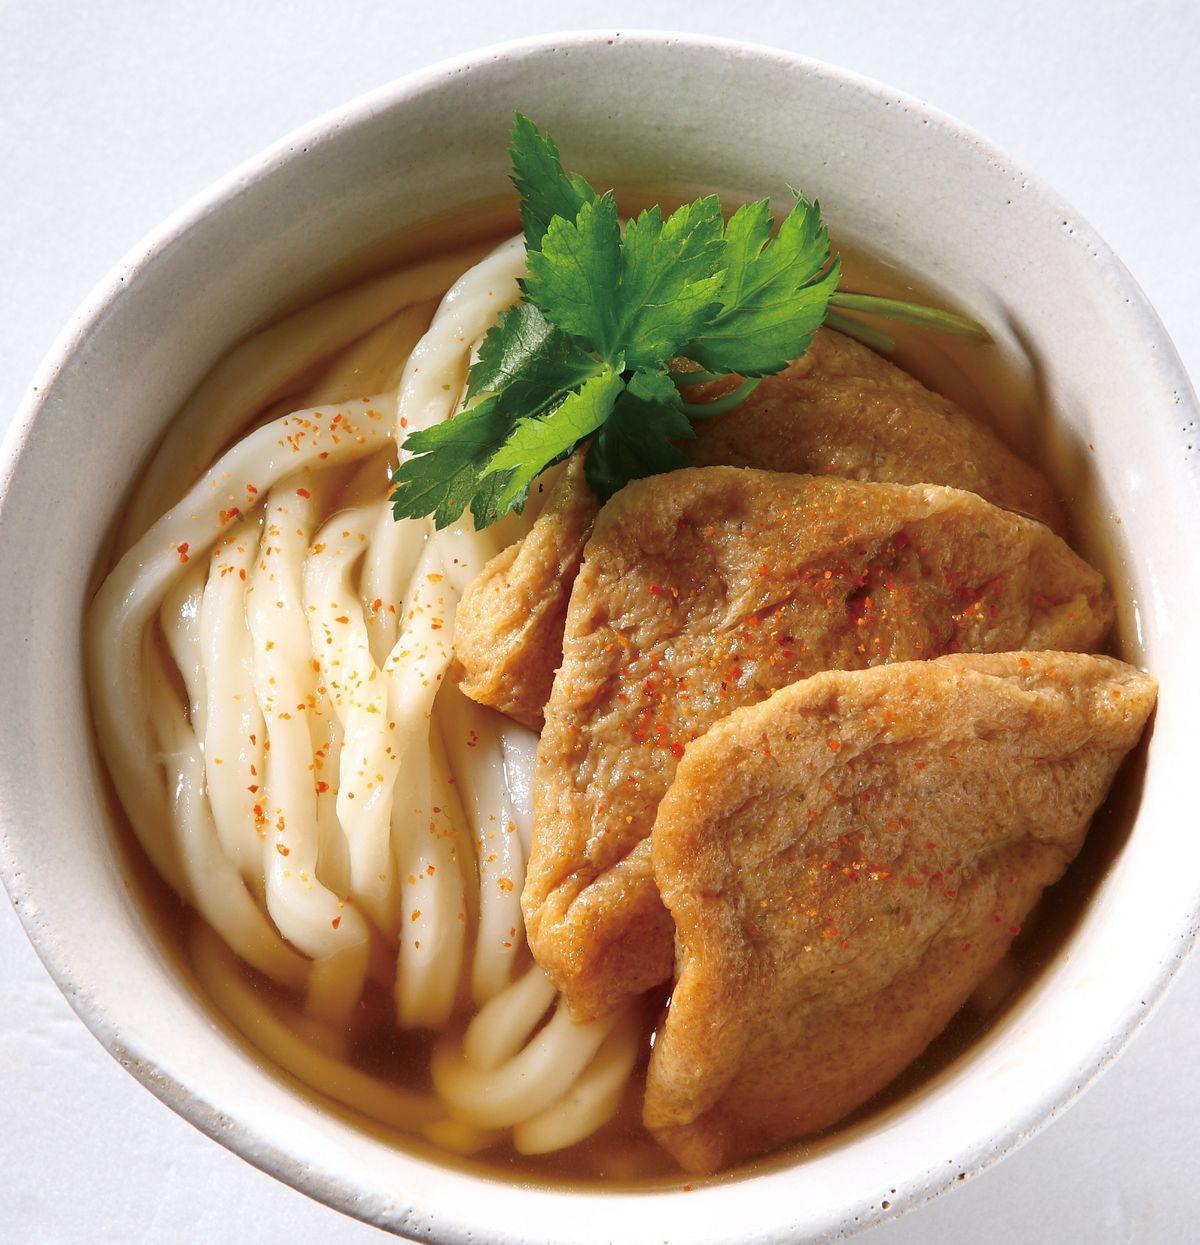 食譜:豆皮烏龍麵